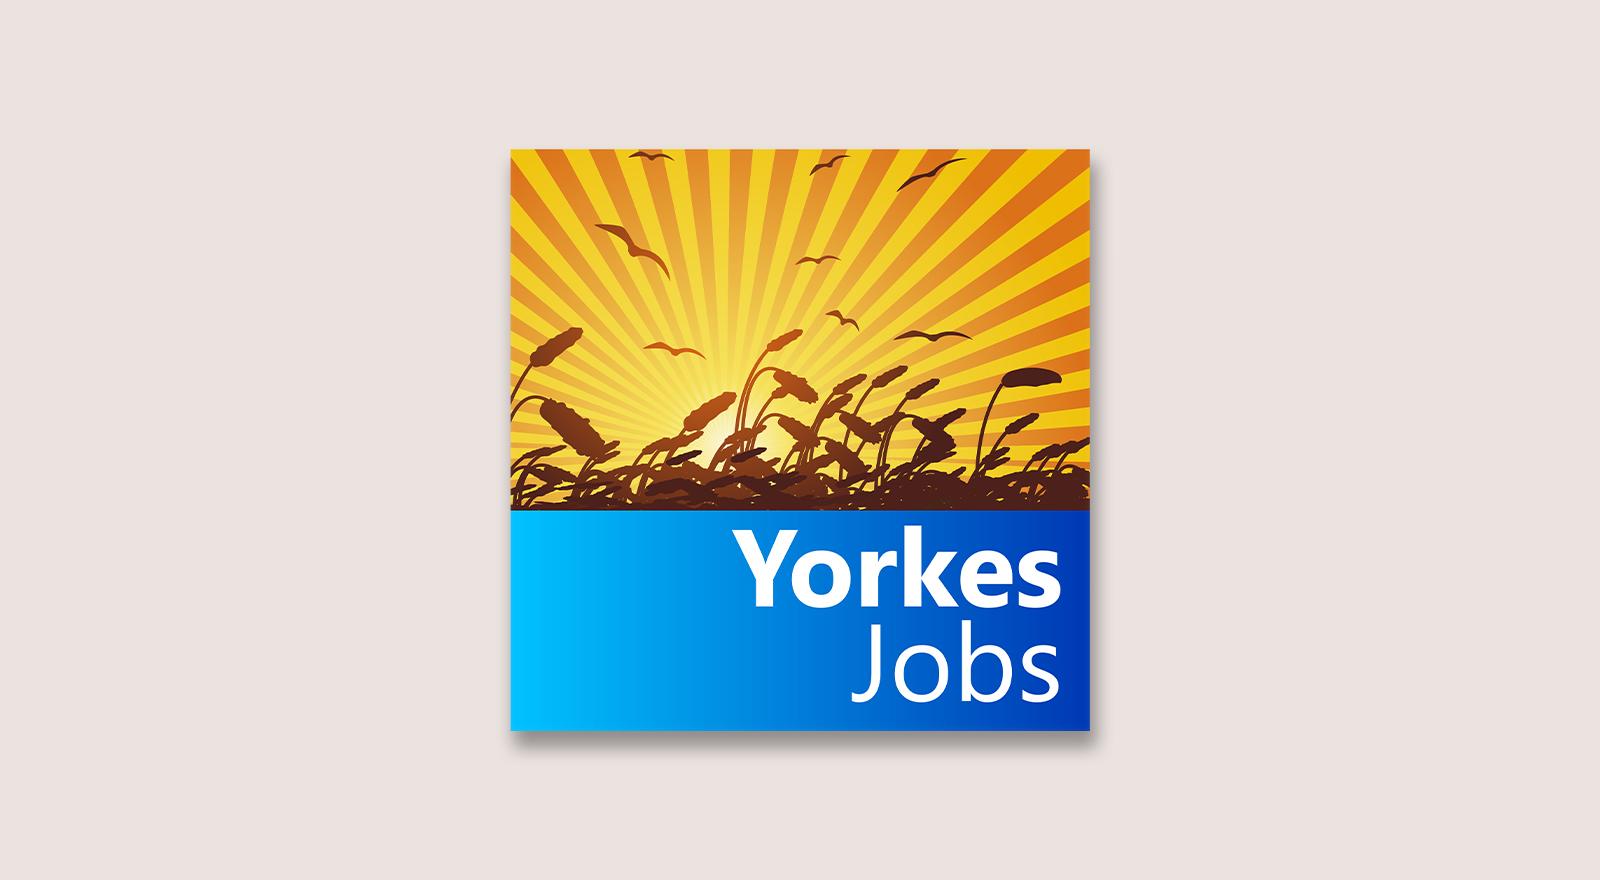 Yorkes Jobs logo